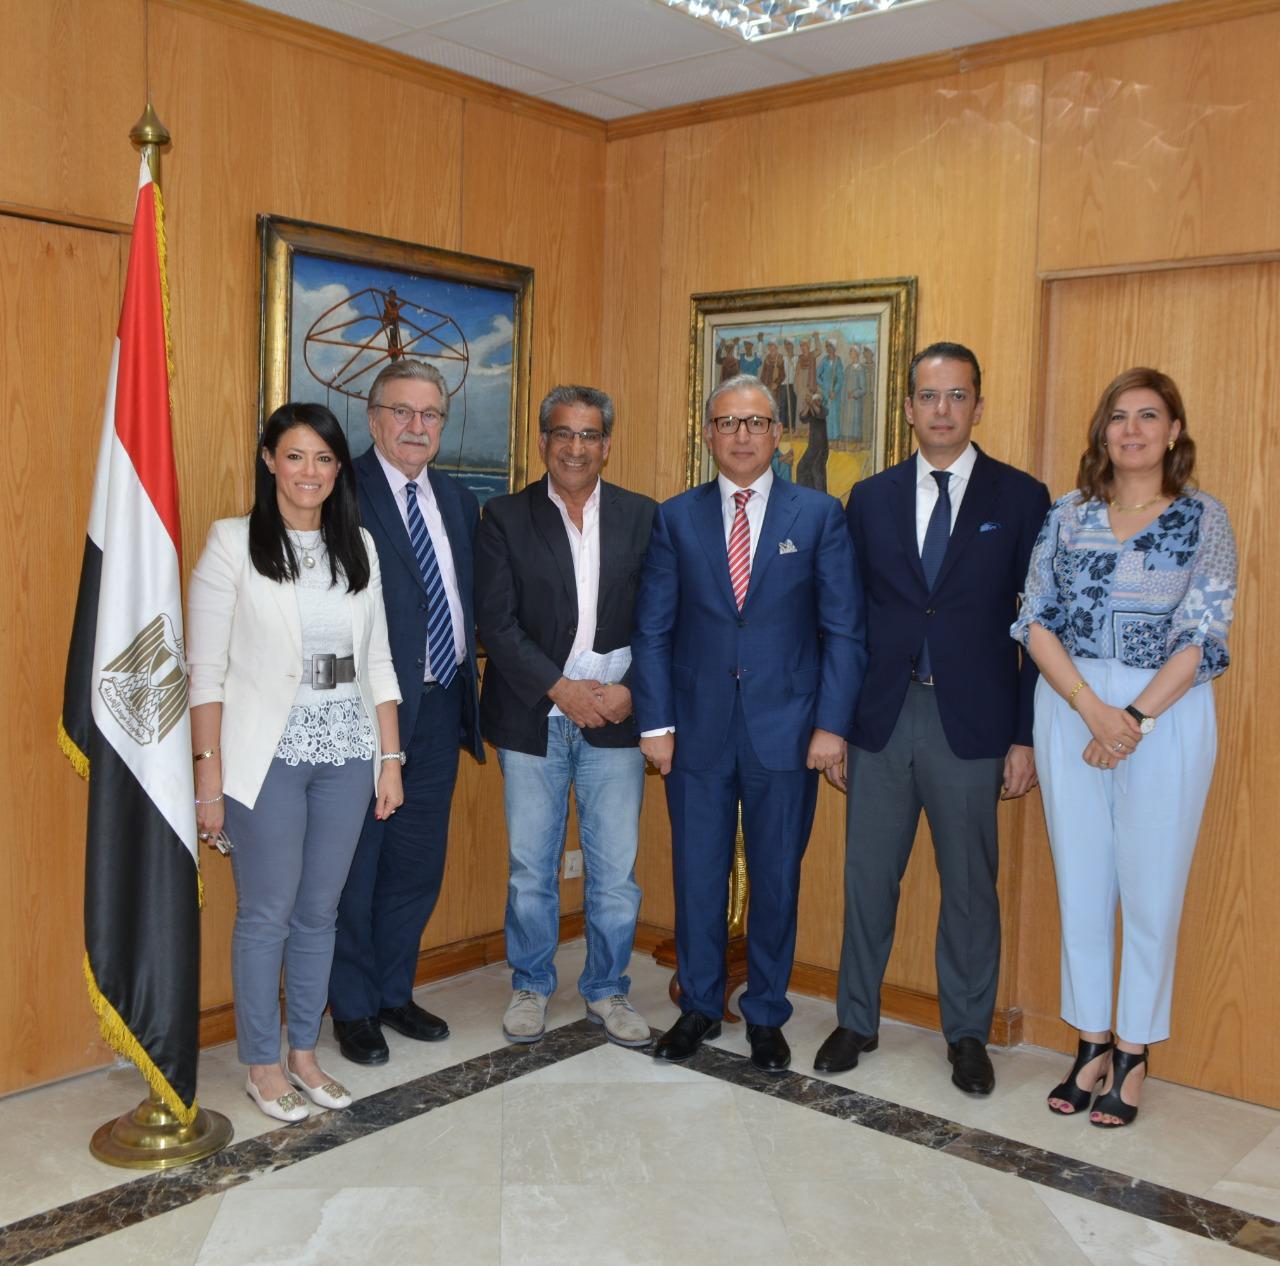 الإعلان عن المعايير الجديدة لتصنيف الفنادق المصرية نهاية أغسطس المقبل